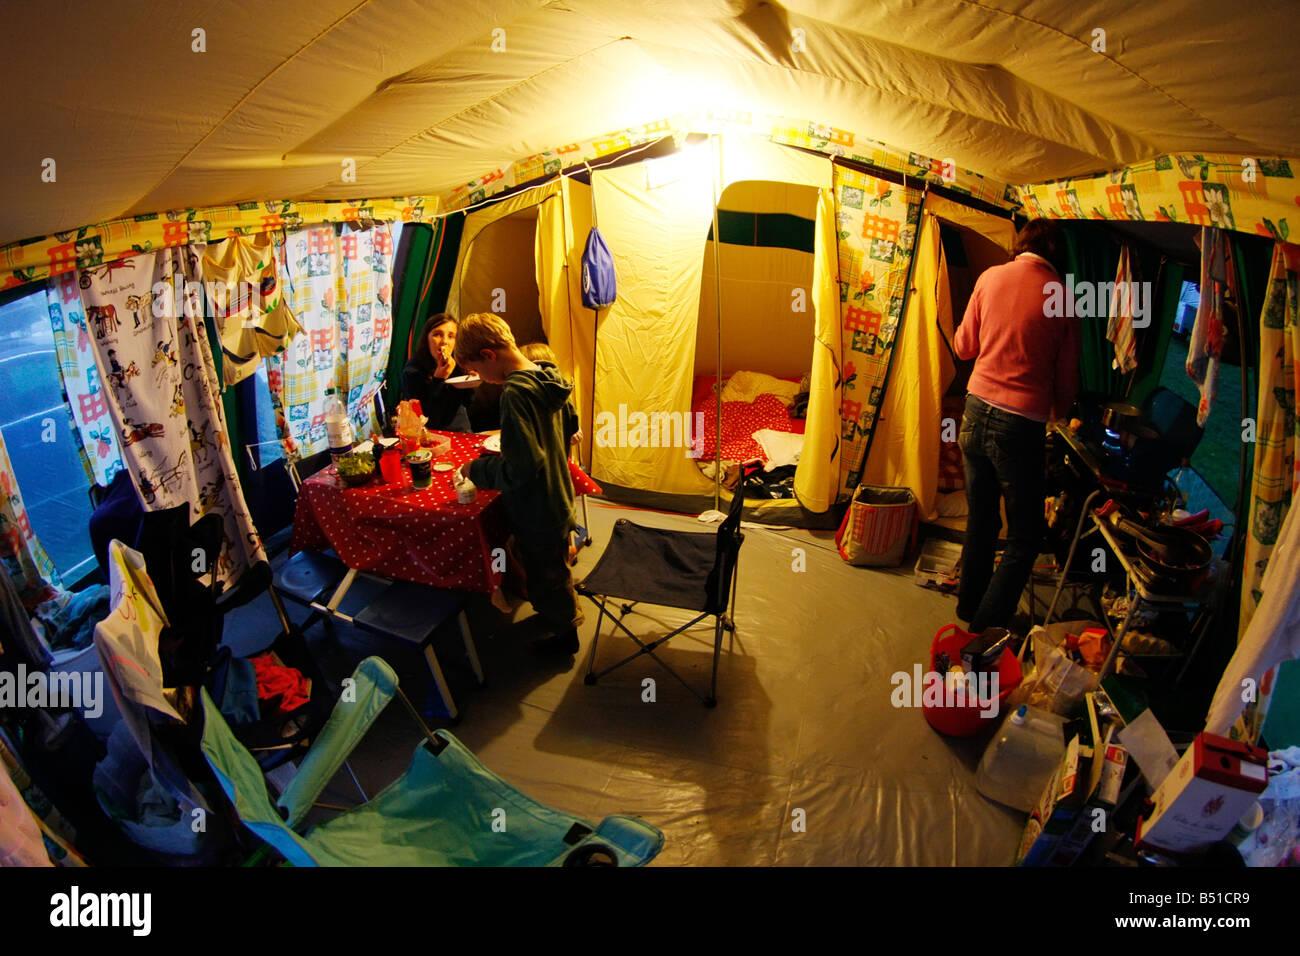 Innere des typischen Rahmen Zelt an einem dunklen Abend Stockfoto ...